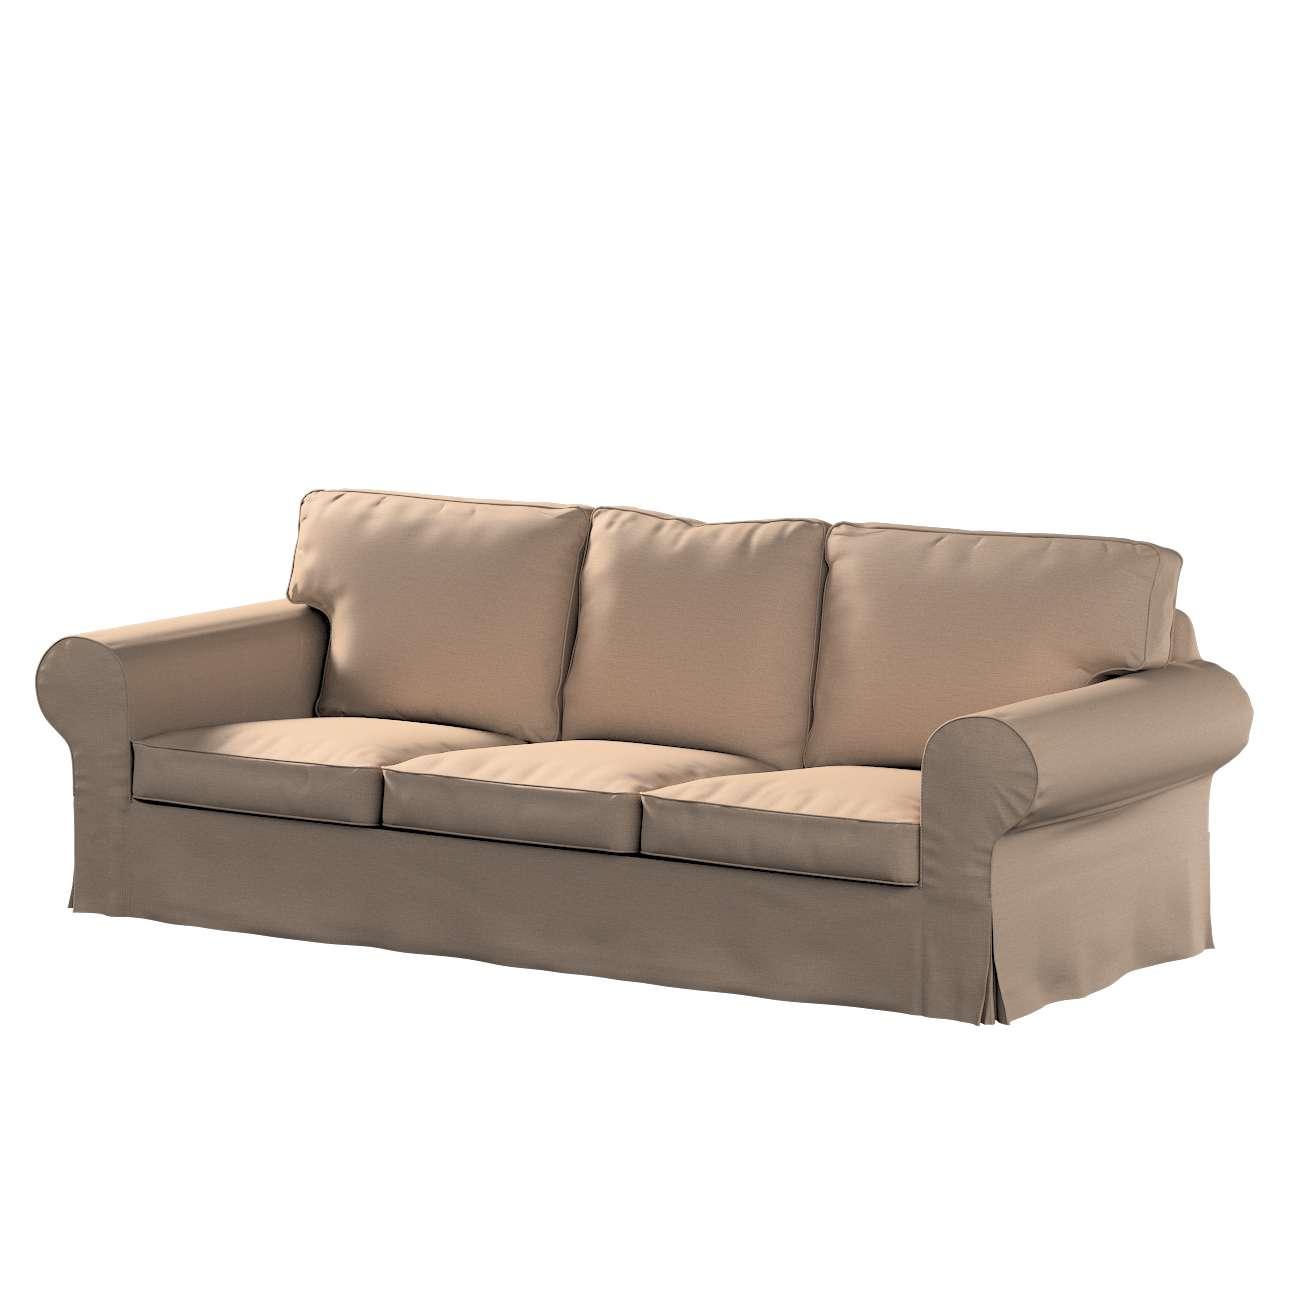 Pokrowiec na sofę Ektorp 3-osobową, rozkładaną w kolekcji Bergen, tkanina: 161-75